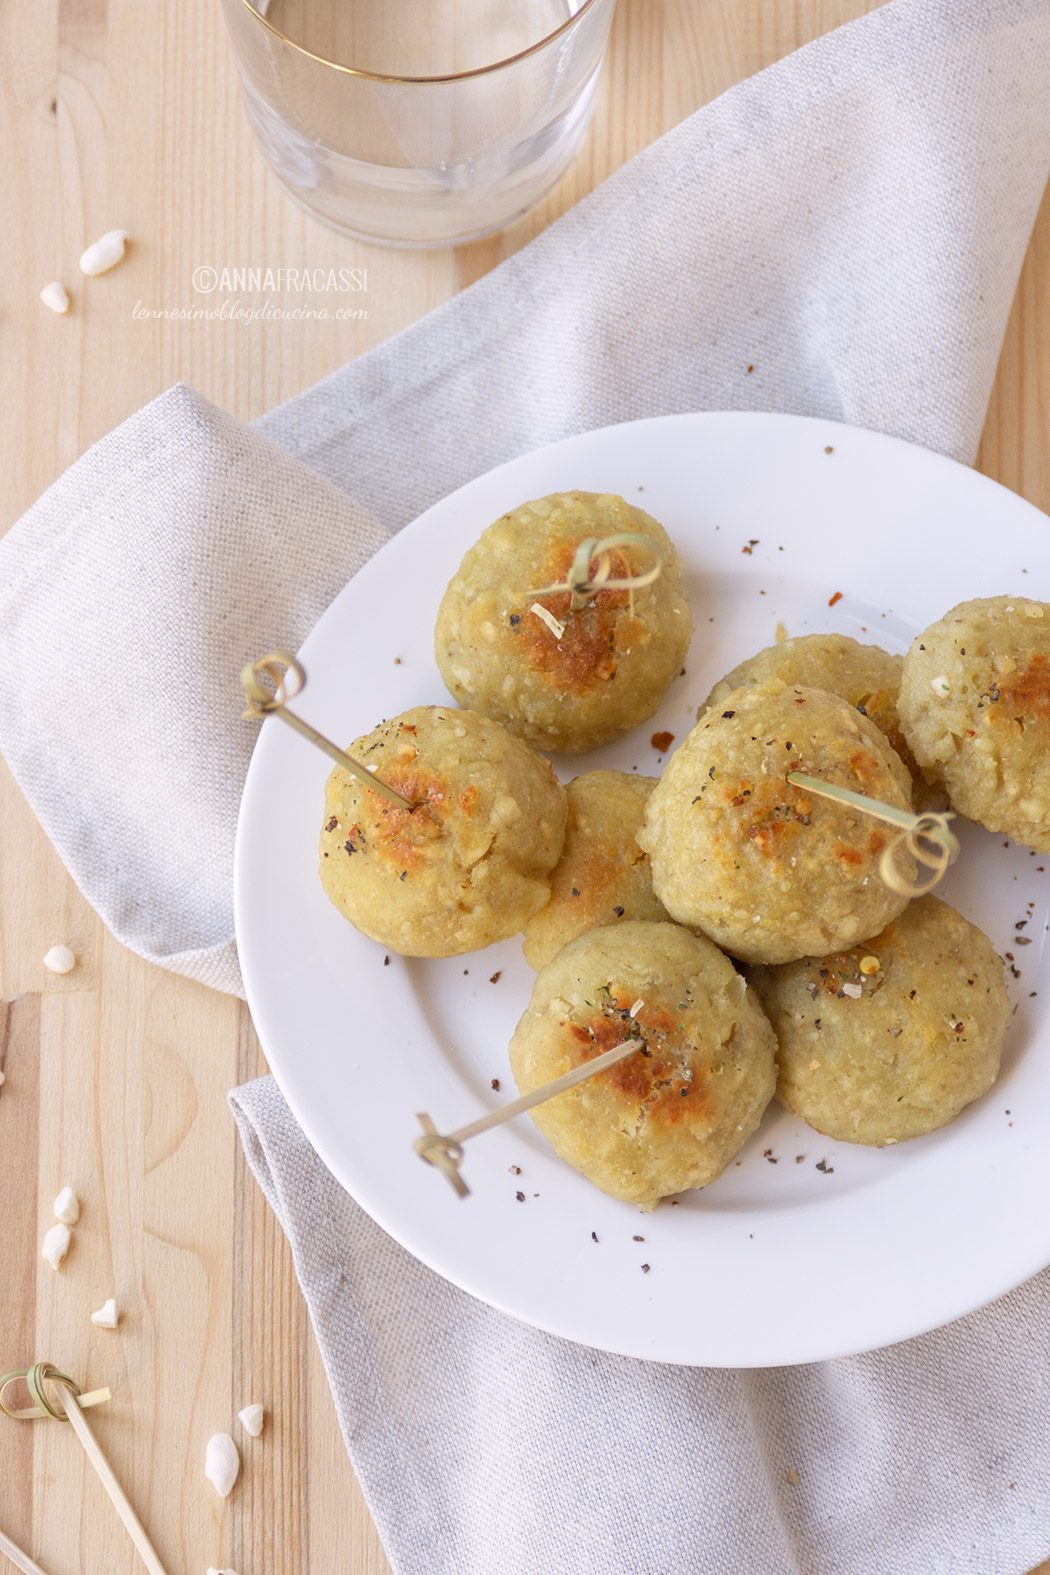 Polpette di topinambur: la mia ricetta veloce e leggera